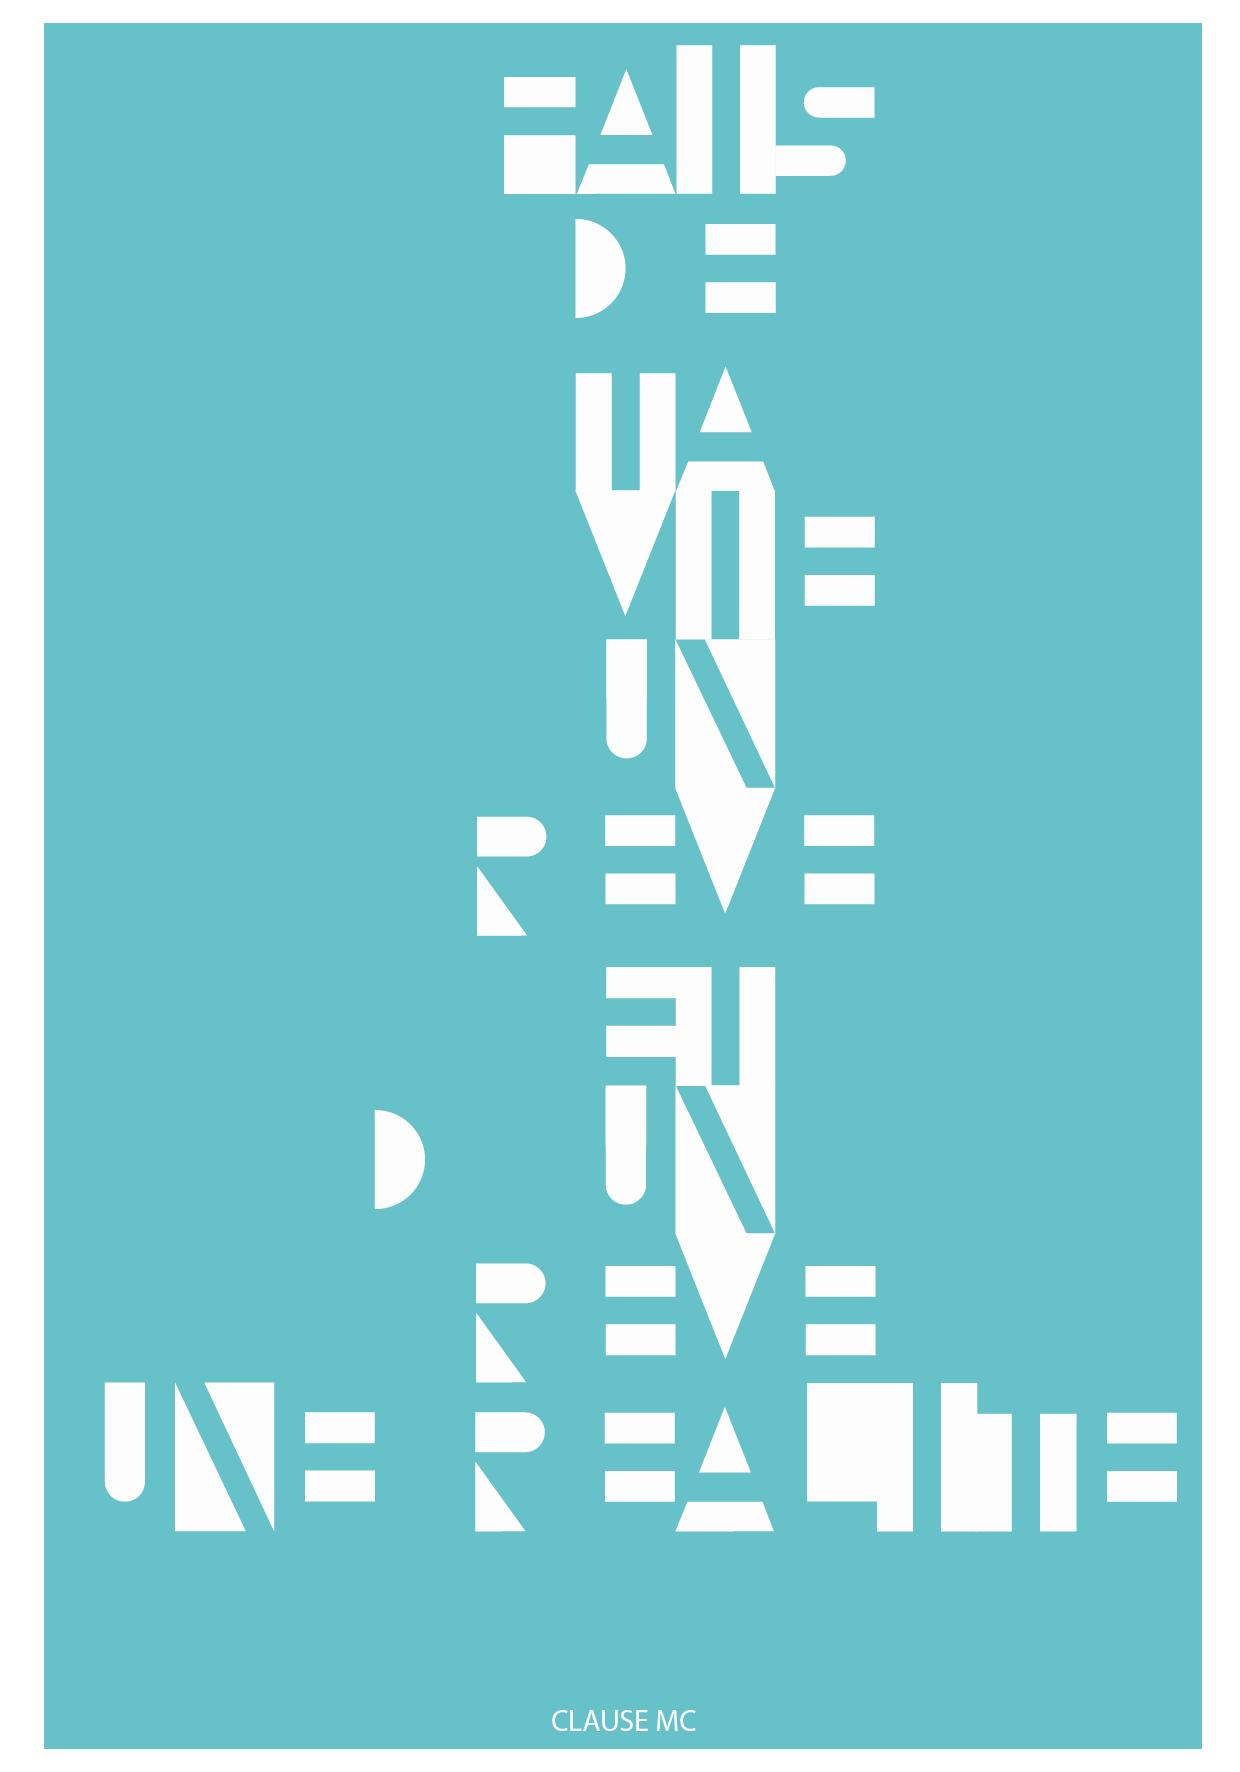 Une sérigraphie de Marie-Cécile Clause - Fais de ta vie un rêve et d'un rêve une réalité